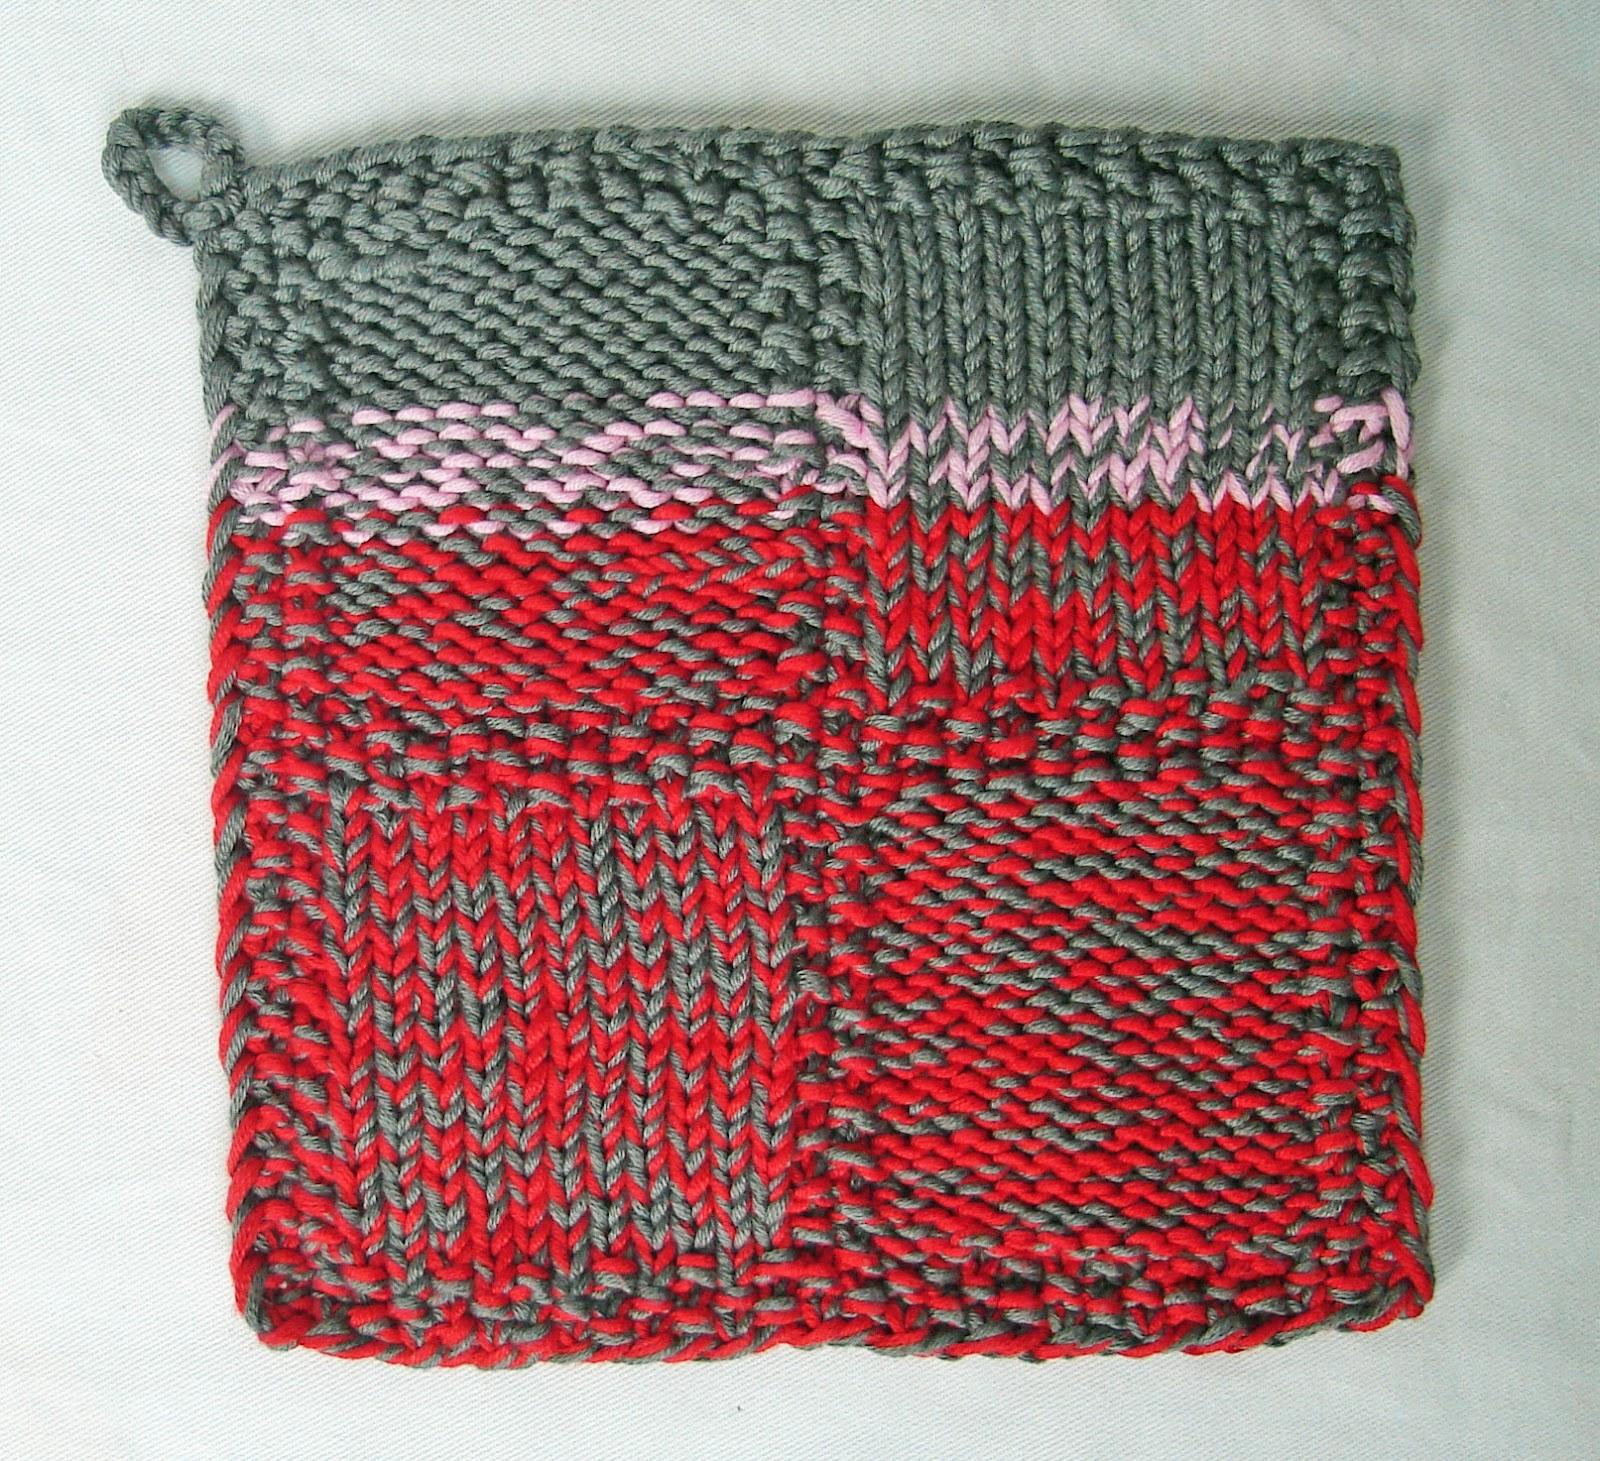 HandmadeHandsome, handmade items and knitting patterns, handgemaakte ...